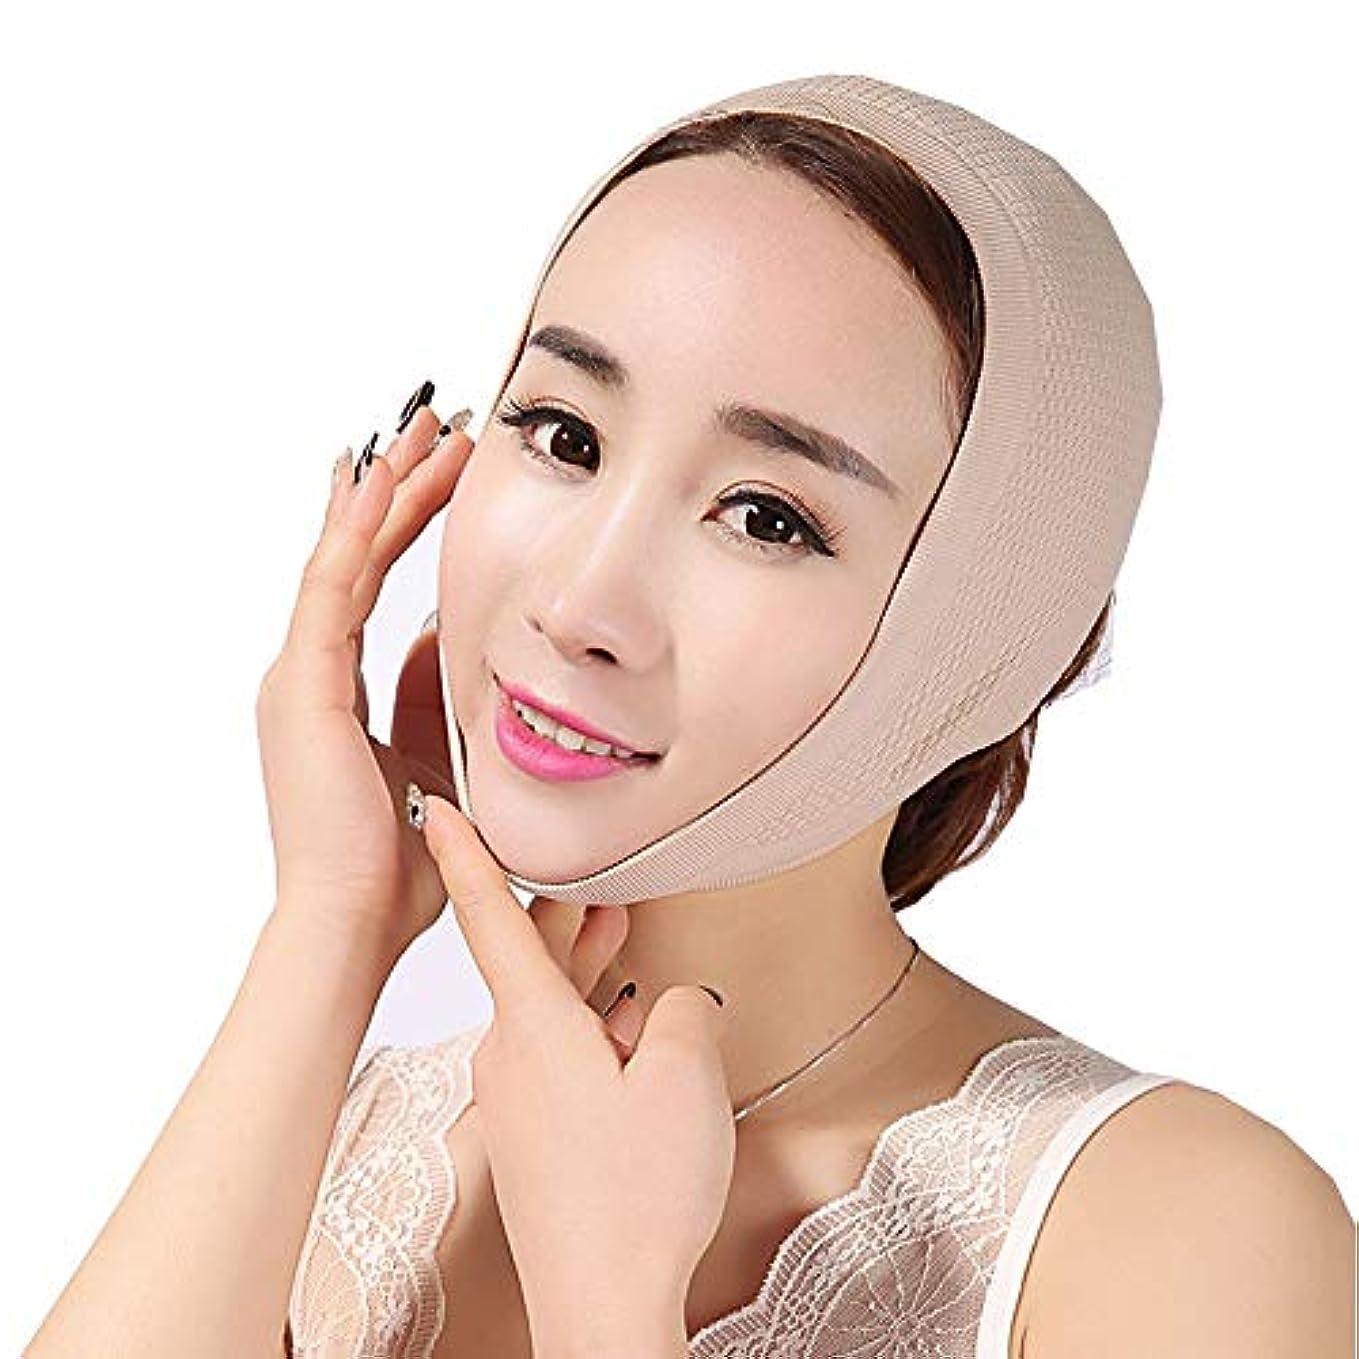 不道徳雑草疎外GYZ フェイスマスクで眠る薄い顔フェイスリフトフェイスリフトアーティファクトスモールフェイスVフェイスリフト付きフェイスフェイス包帯引き上げジョーセット Thin Face Belt